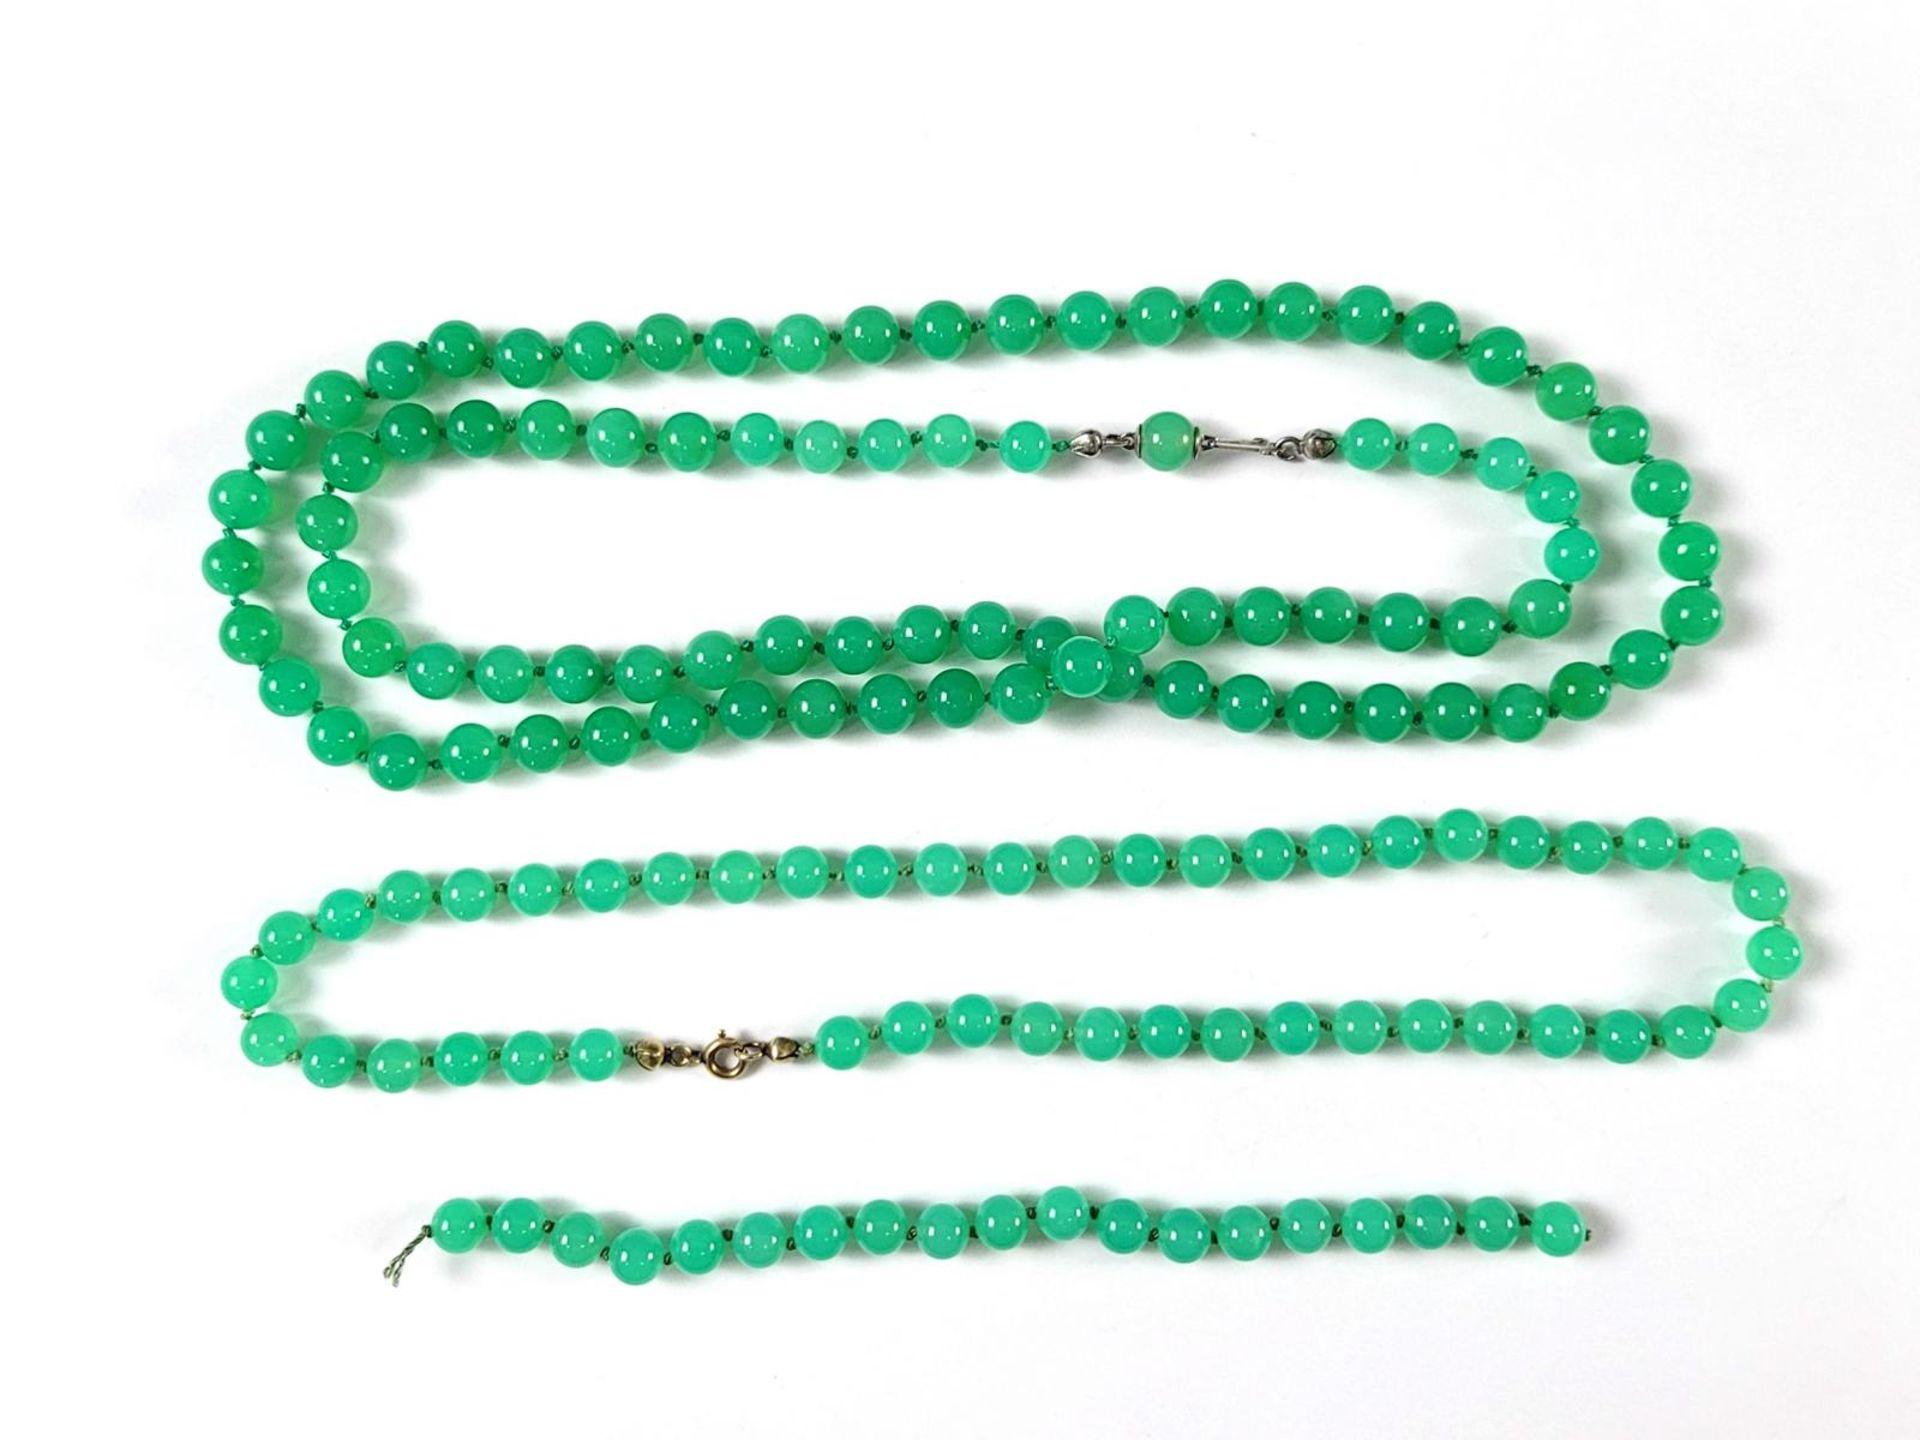 Chrisopras Halsketten - Bild 2 aus 2